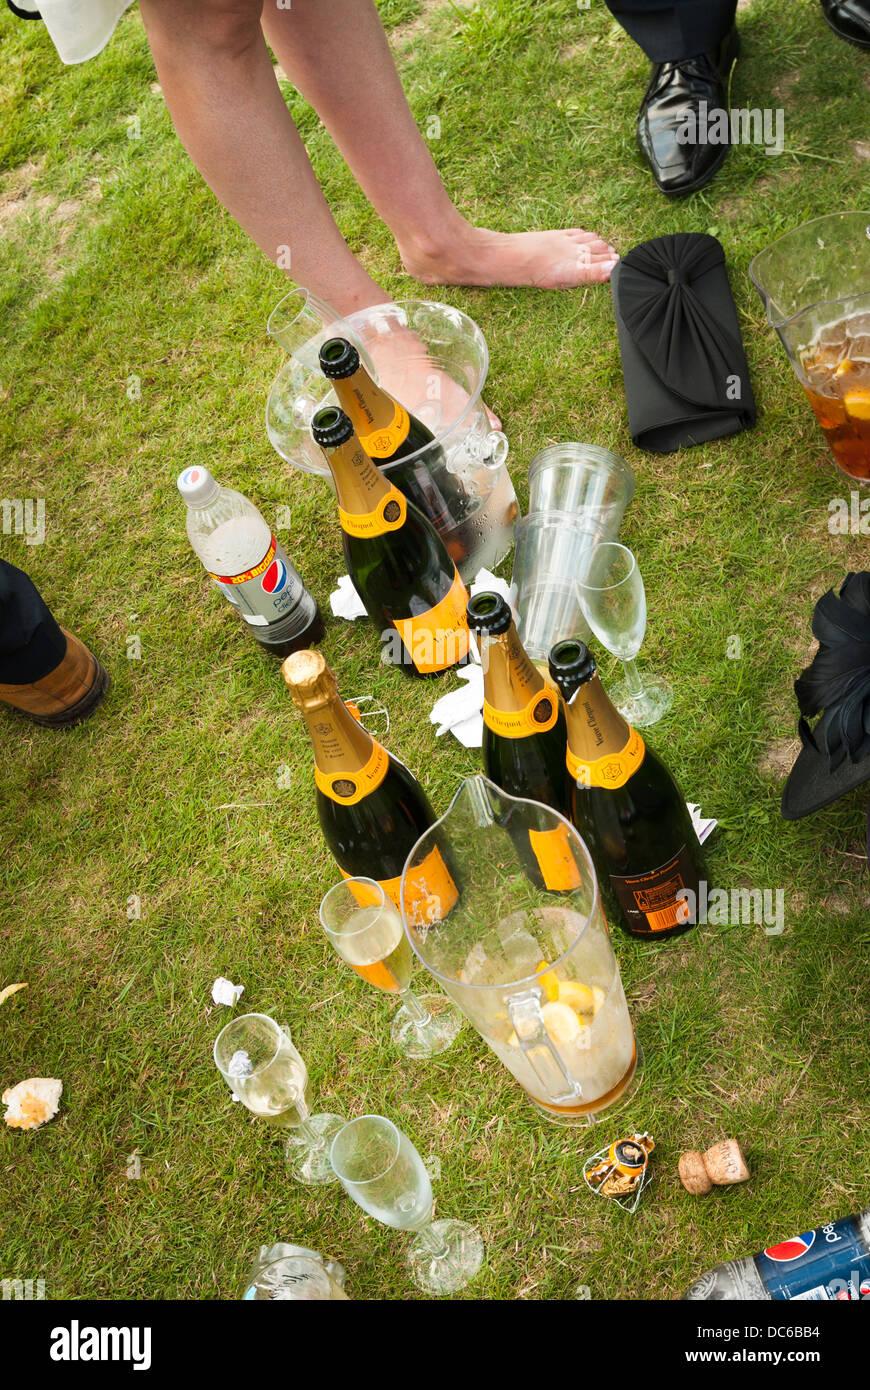 Aprire le bottiglie di champange sull'erba con signore a piedi nudi. Immagini Stock